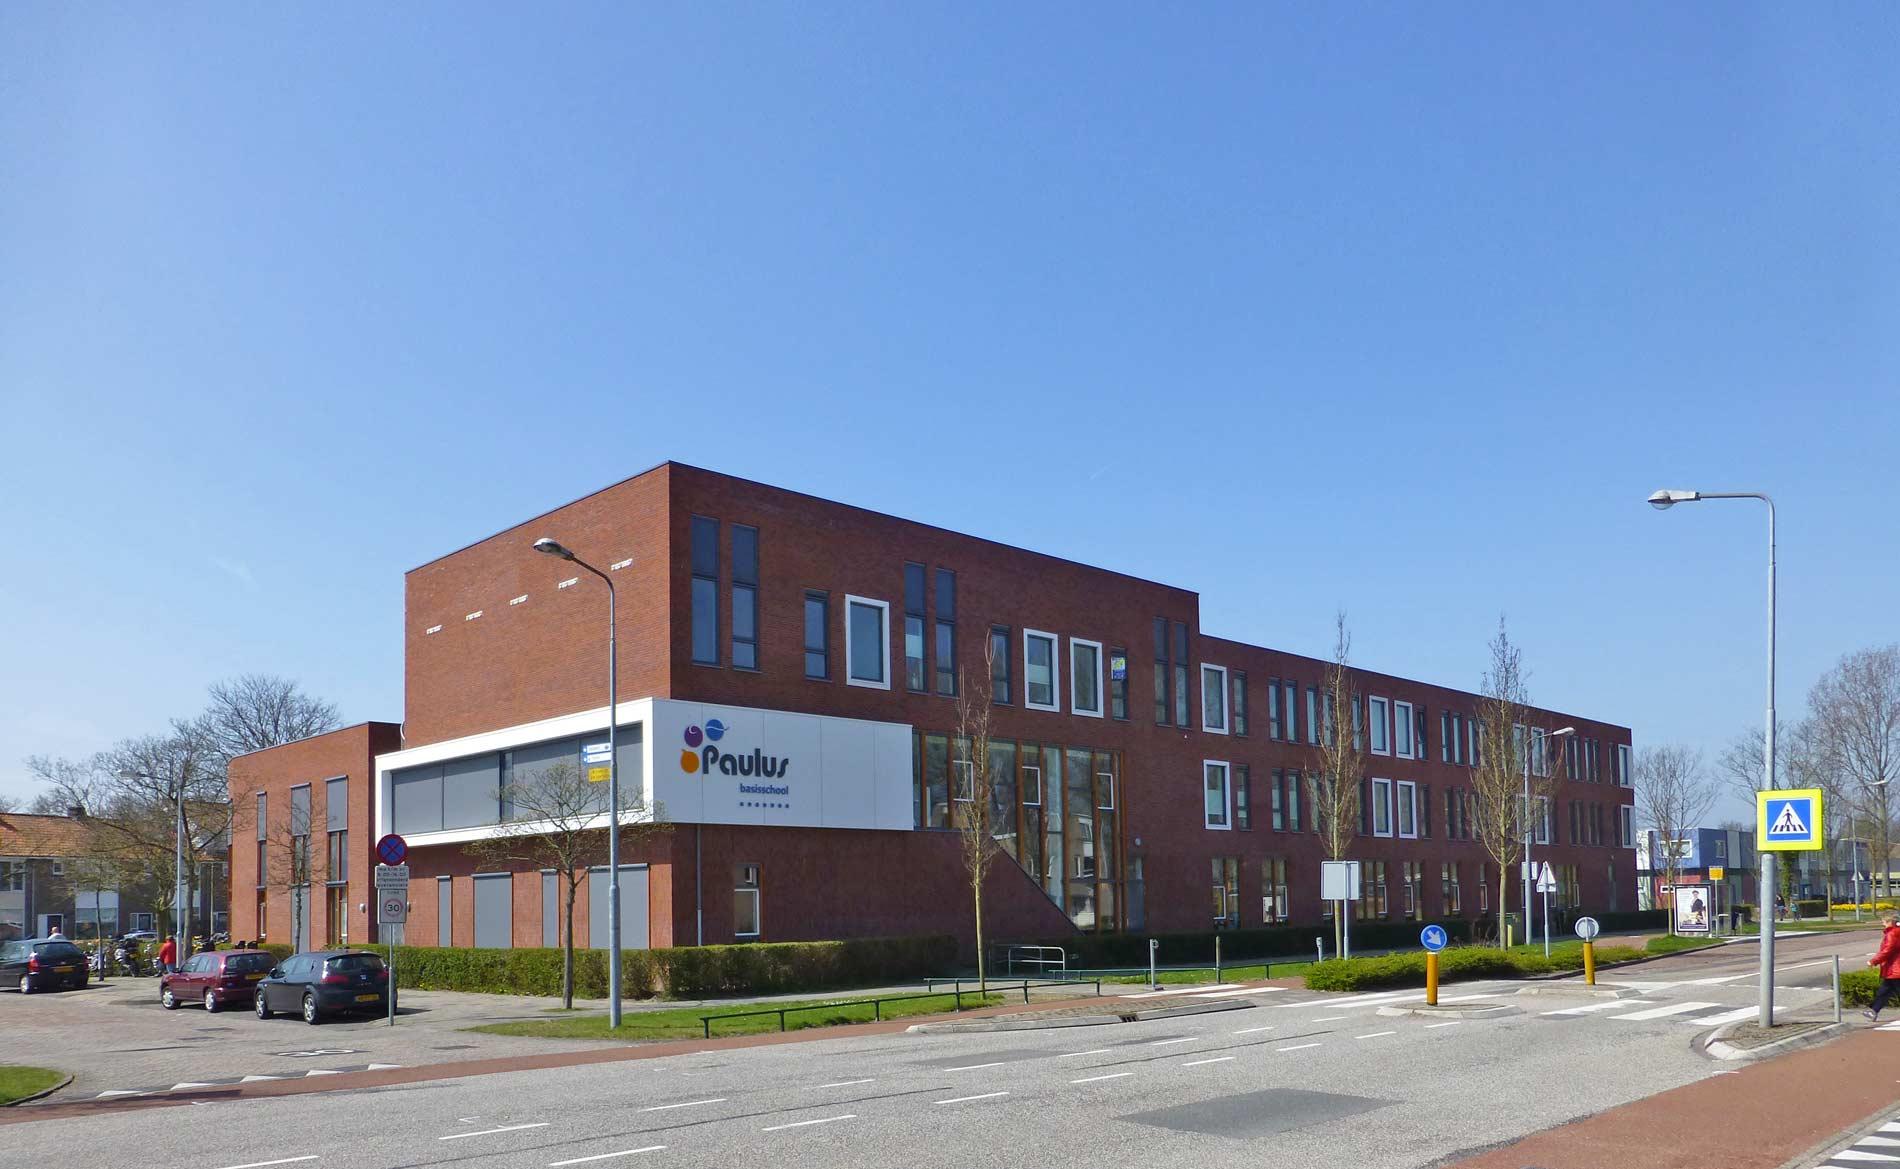 brede school architect BREEAM peuterspeelzaal bso appartementen Paulusschool Castricum BBHD architecten